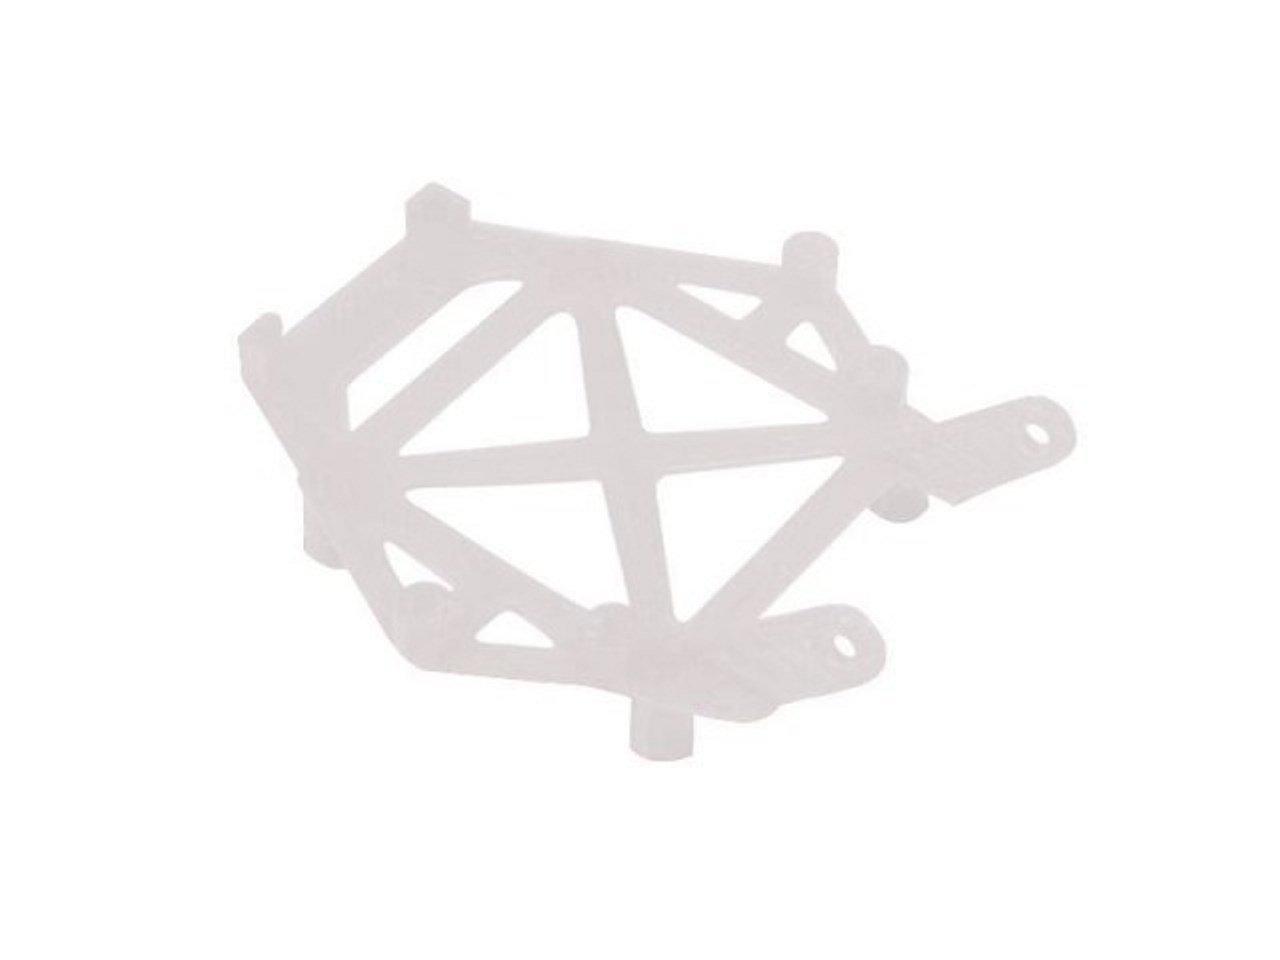 White Blade Torrent 110 FPV ZealHeli Runcam Micro Swift Mount 3D Printed